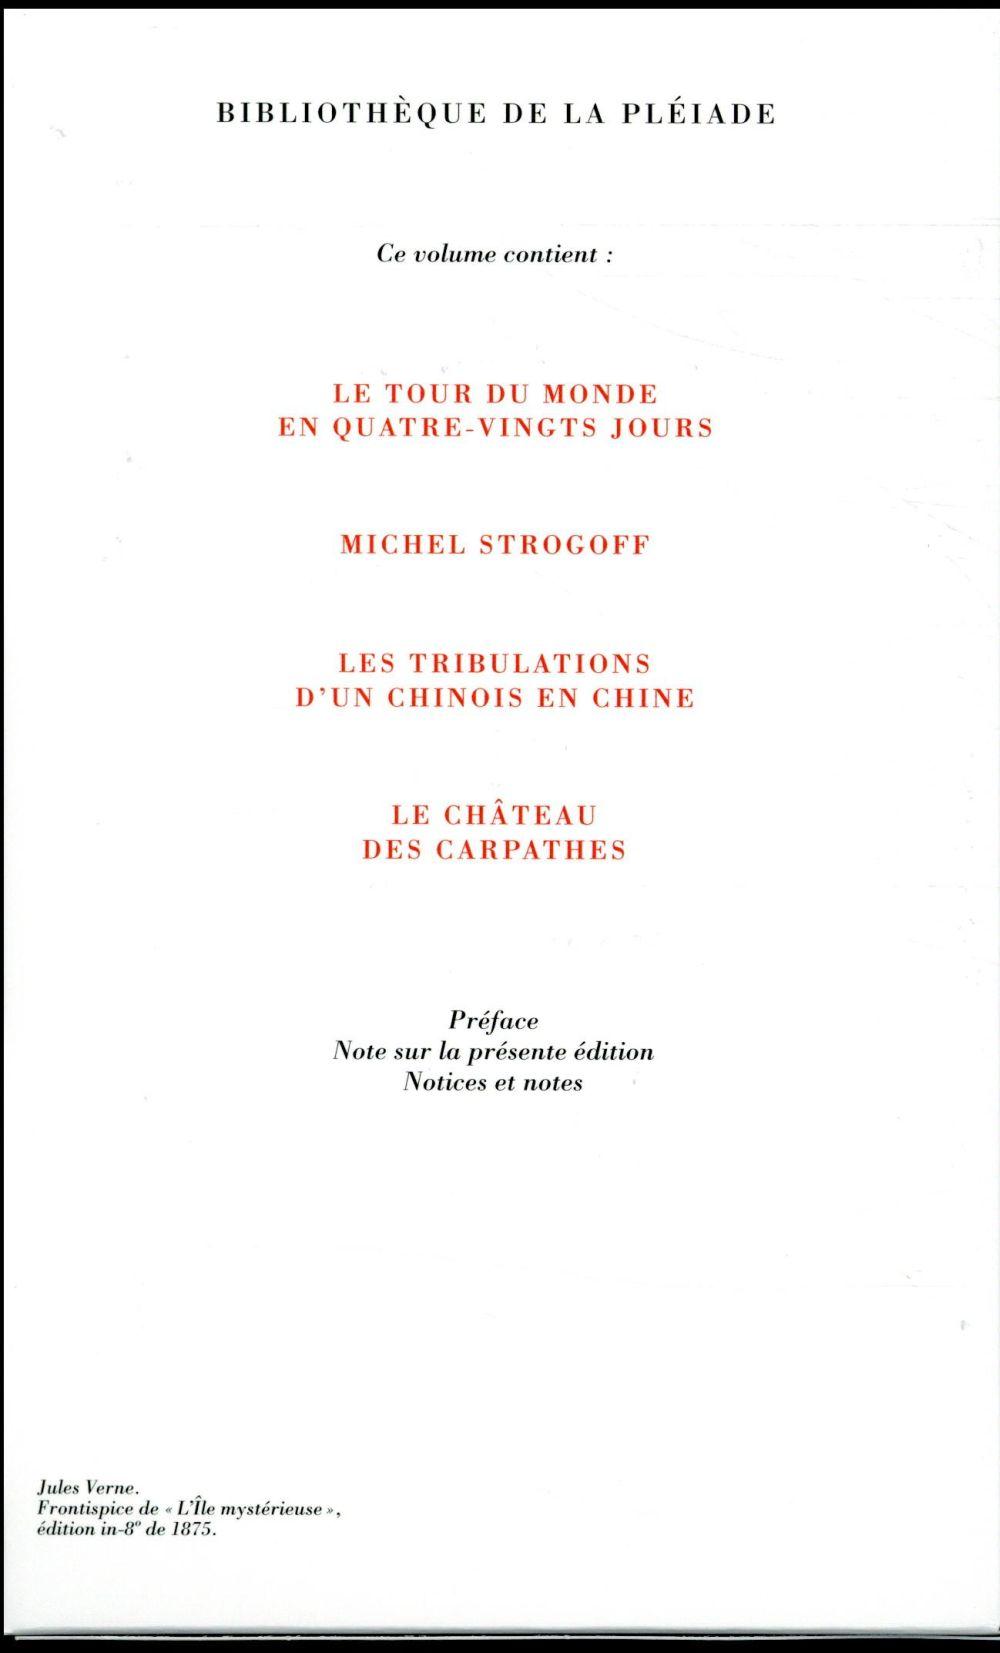 Voyages extraordinaires ; Michel Strogoff et autres romans